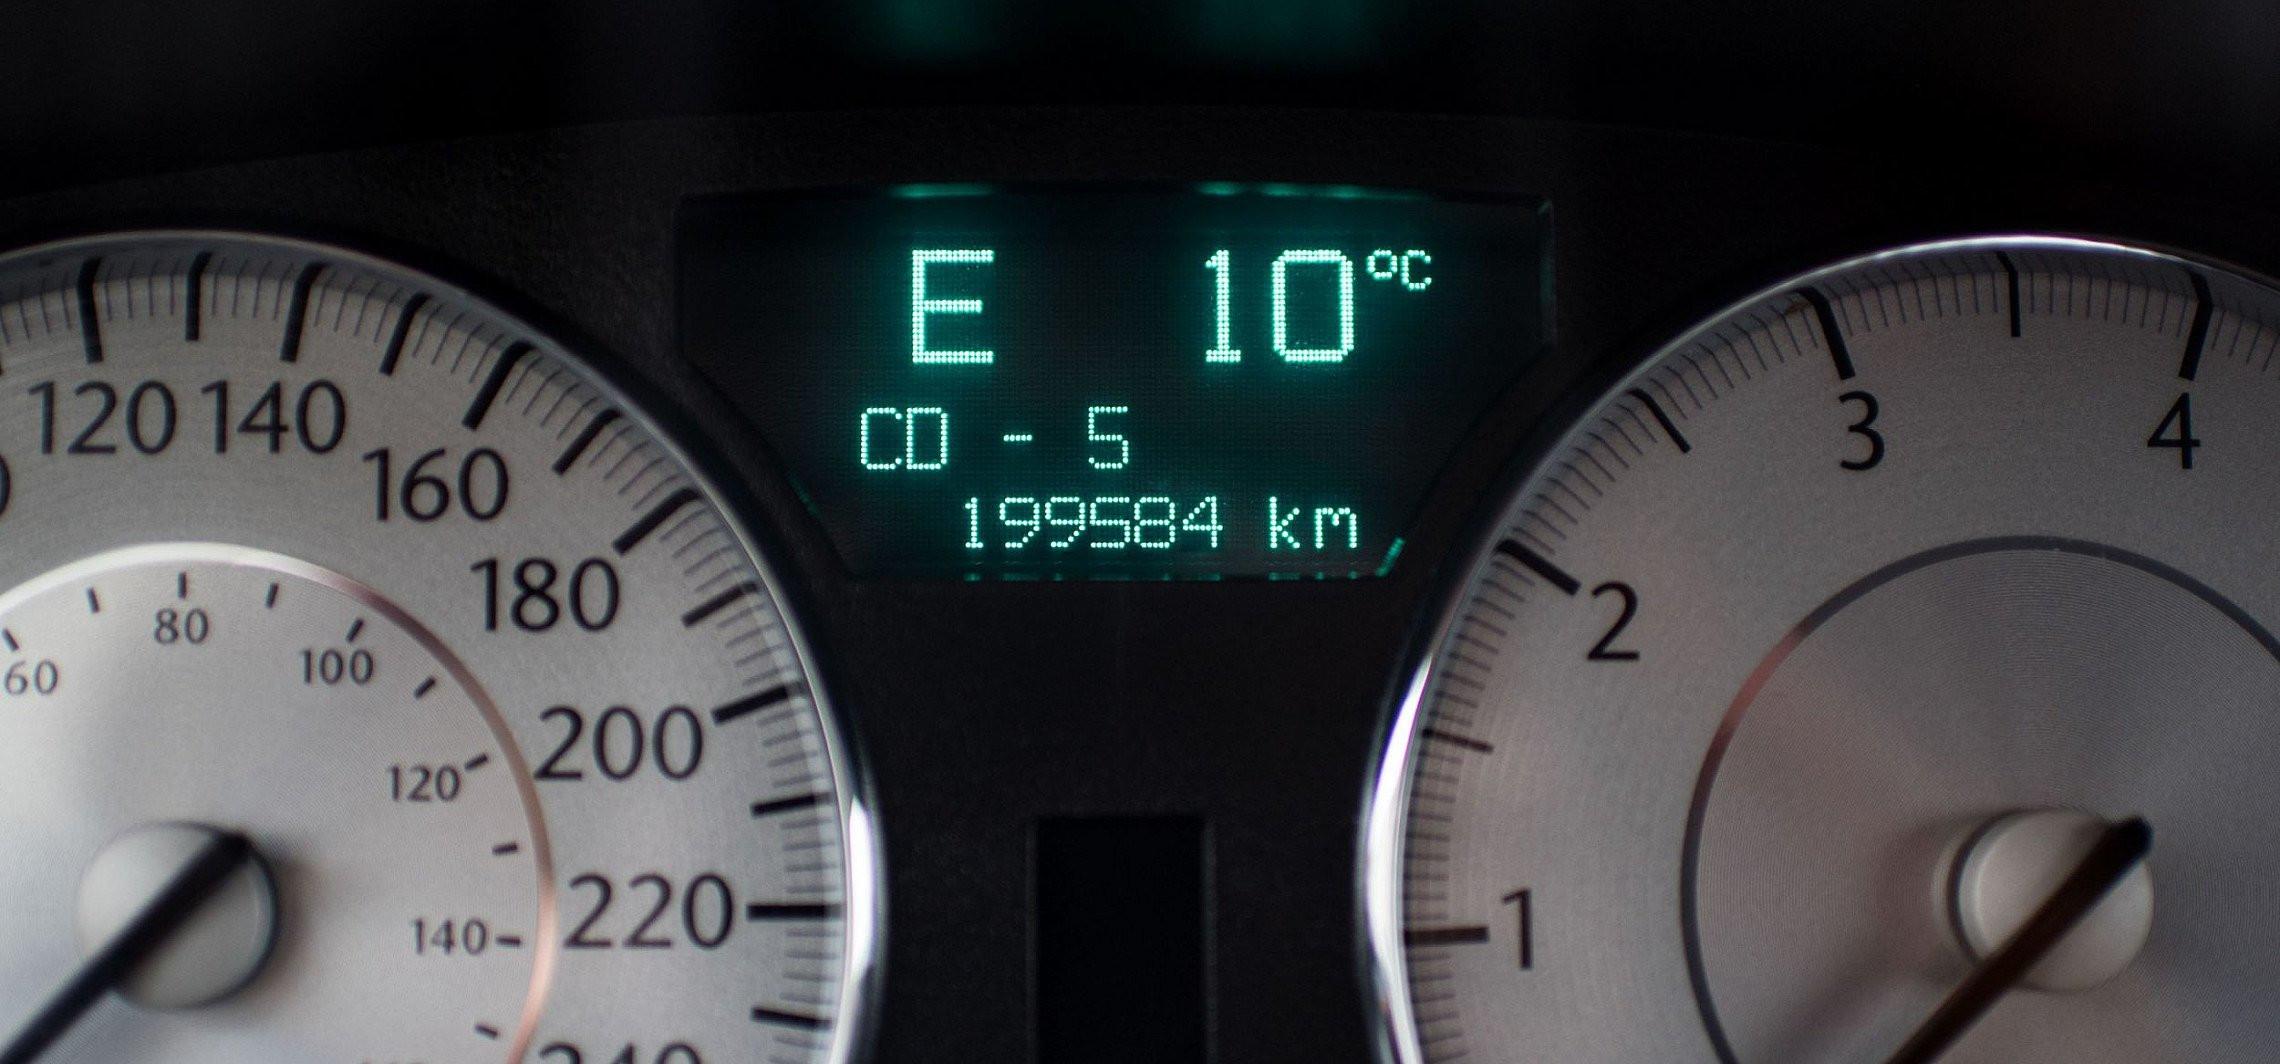 Znamy średni przebieg aut w Inowrocławiu